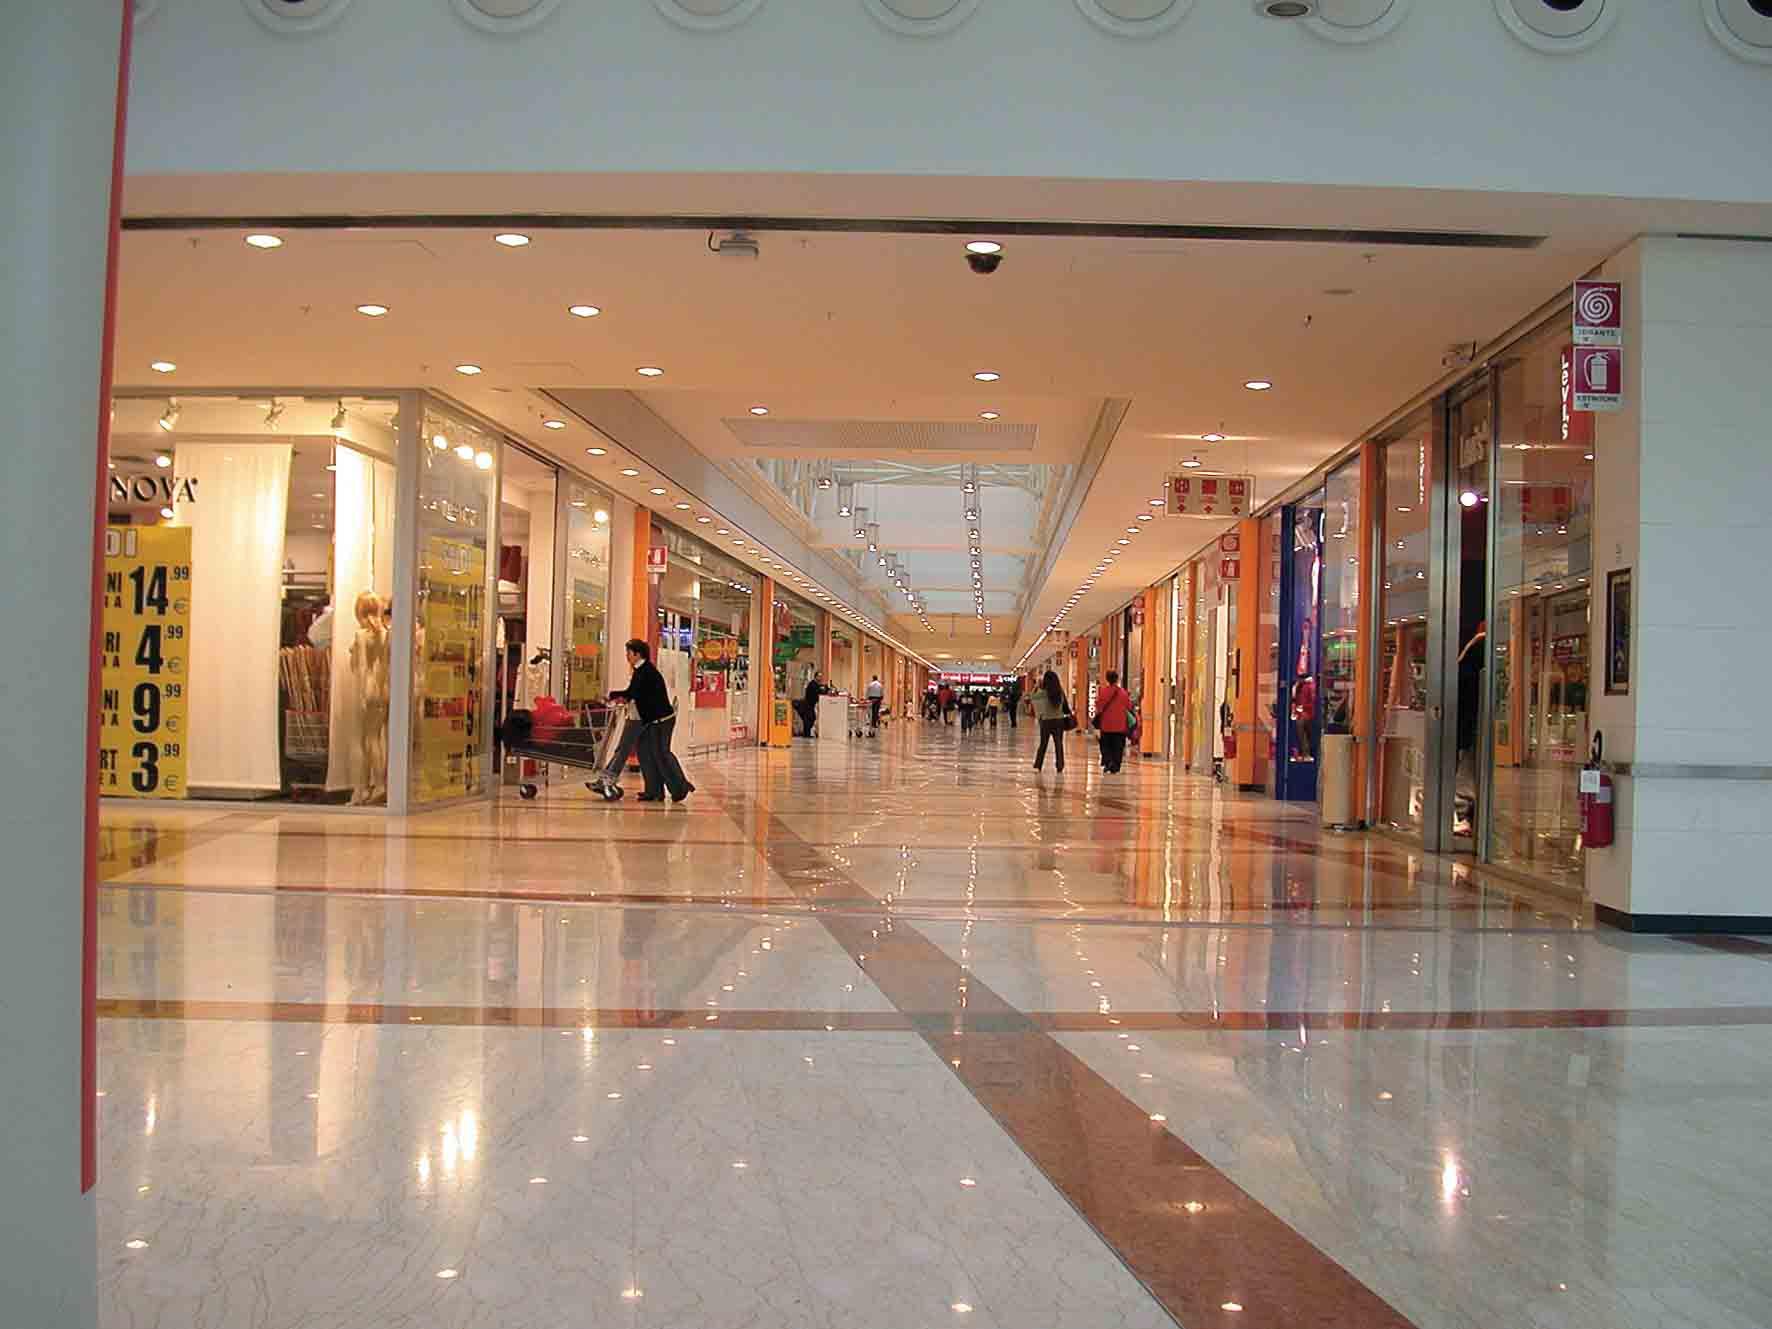 Centro commerciale torresina aperto carnevale domenica 15 for Centro commerciale campania negozi arredamento